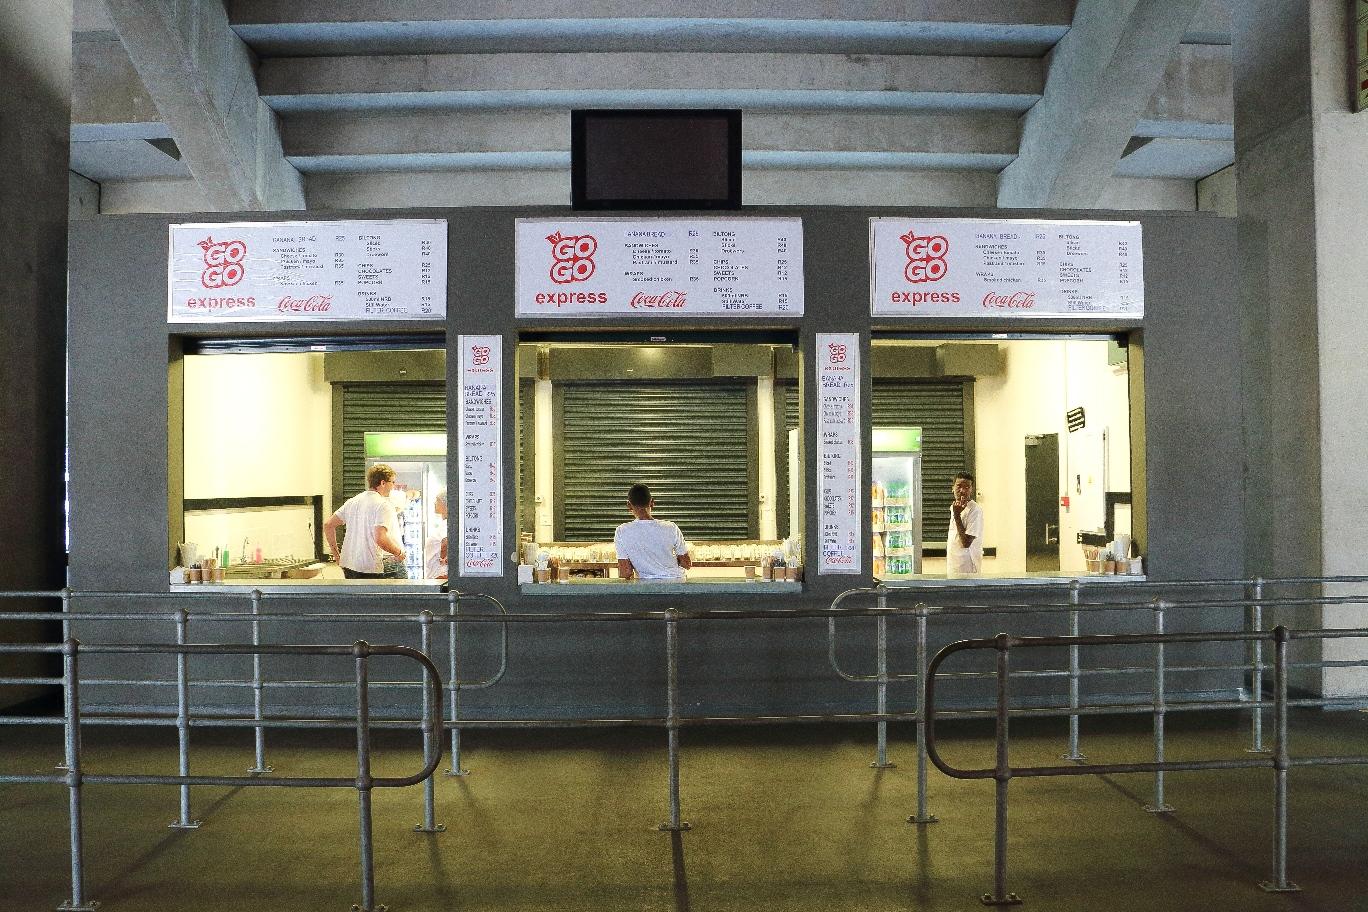 Kiosk inside Green Point stadium